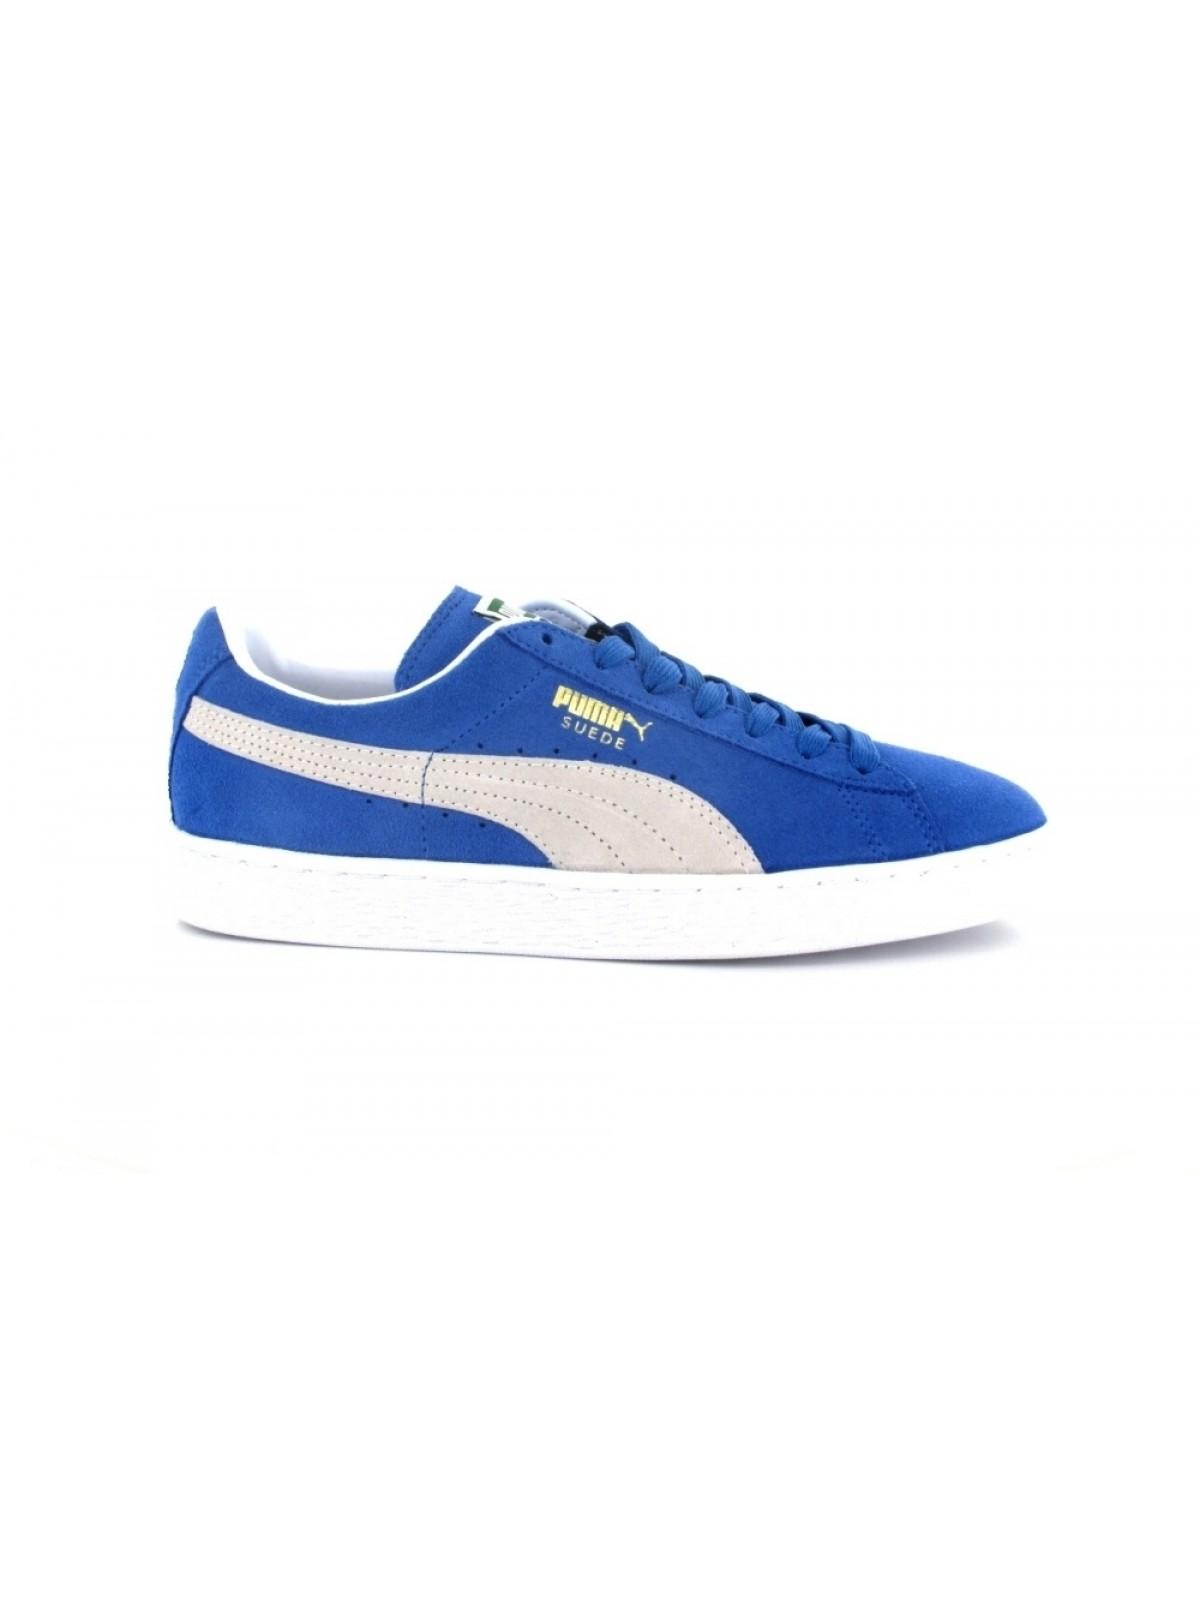 puma suede classic bleue